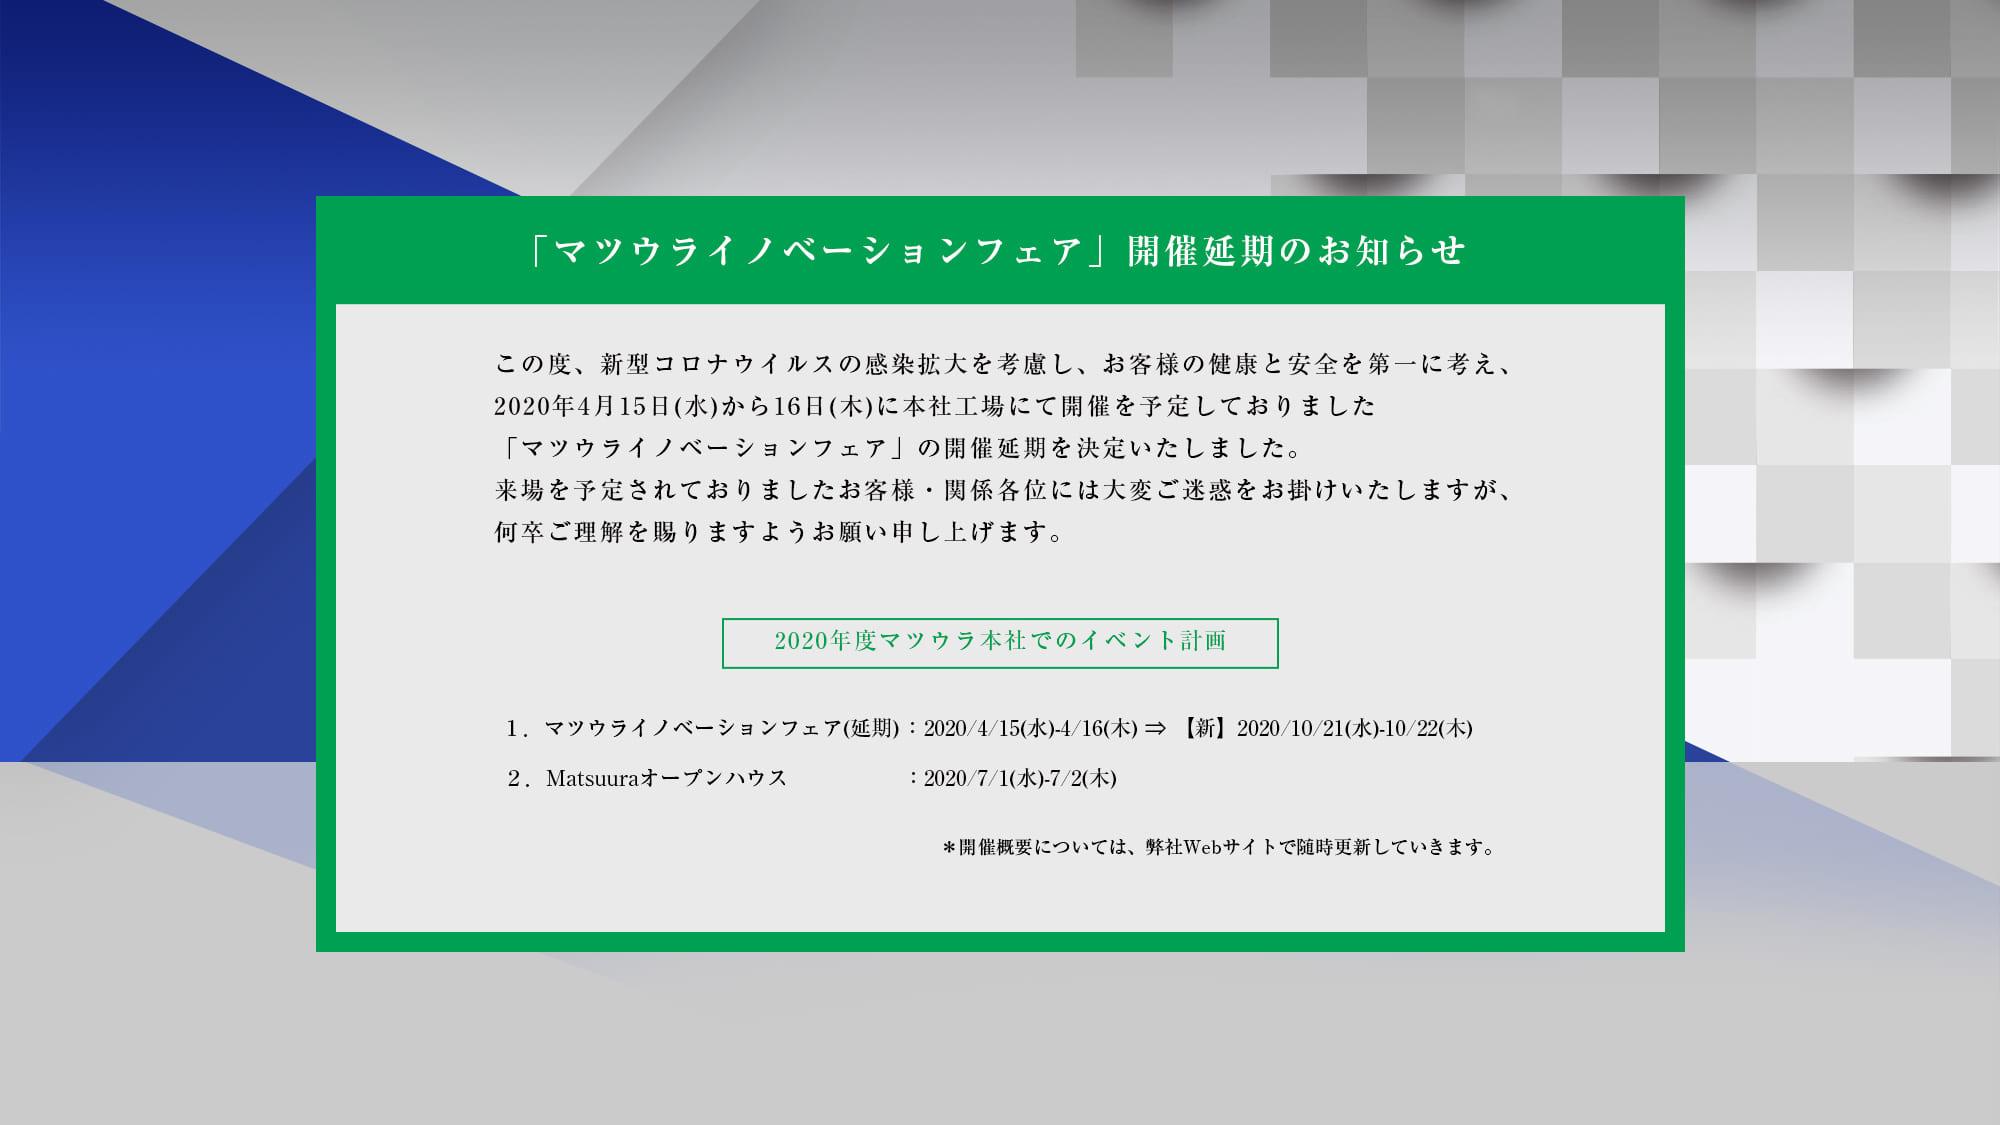 「マツウライノベーションフェア」開催延期のお知らせ